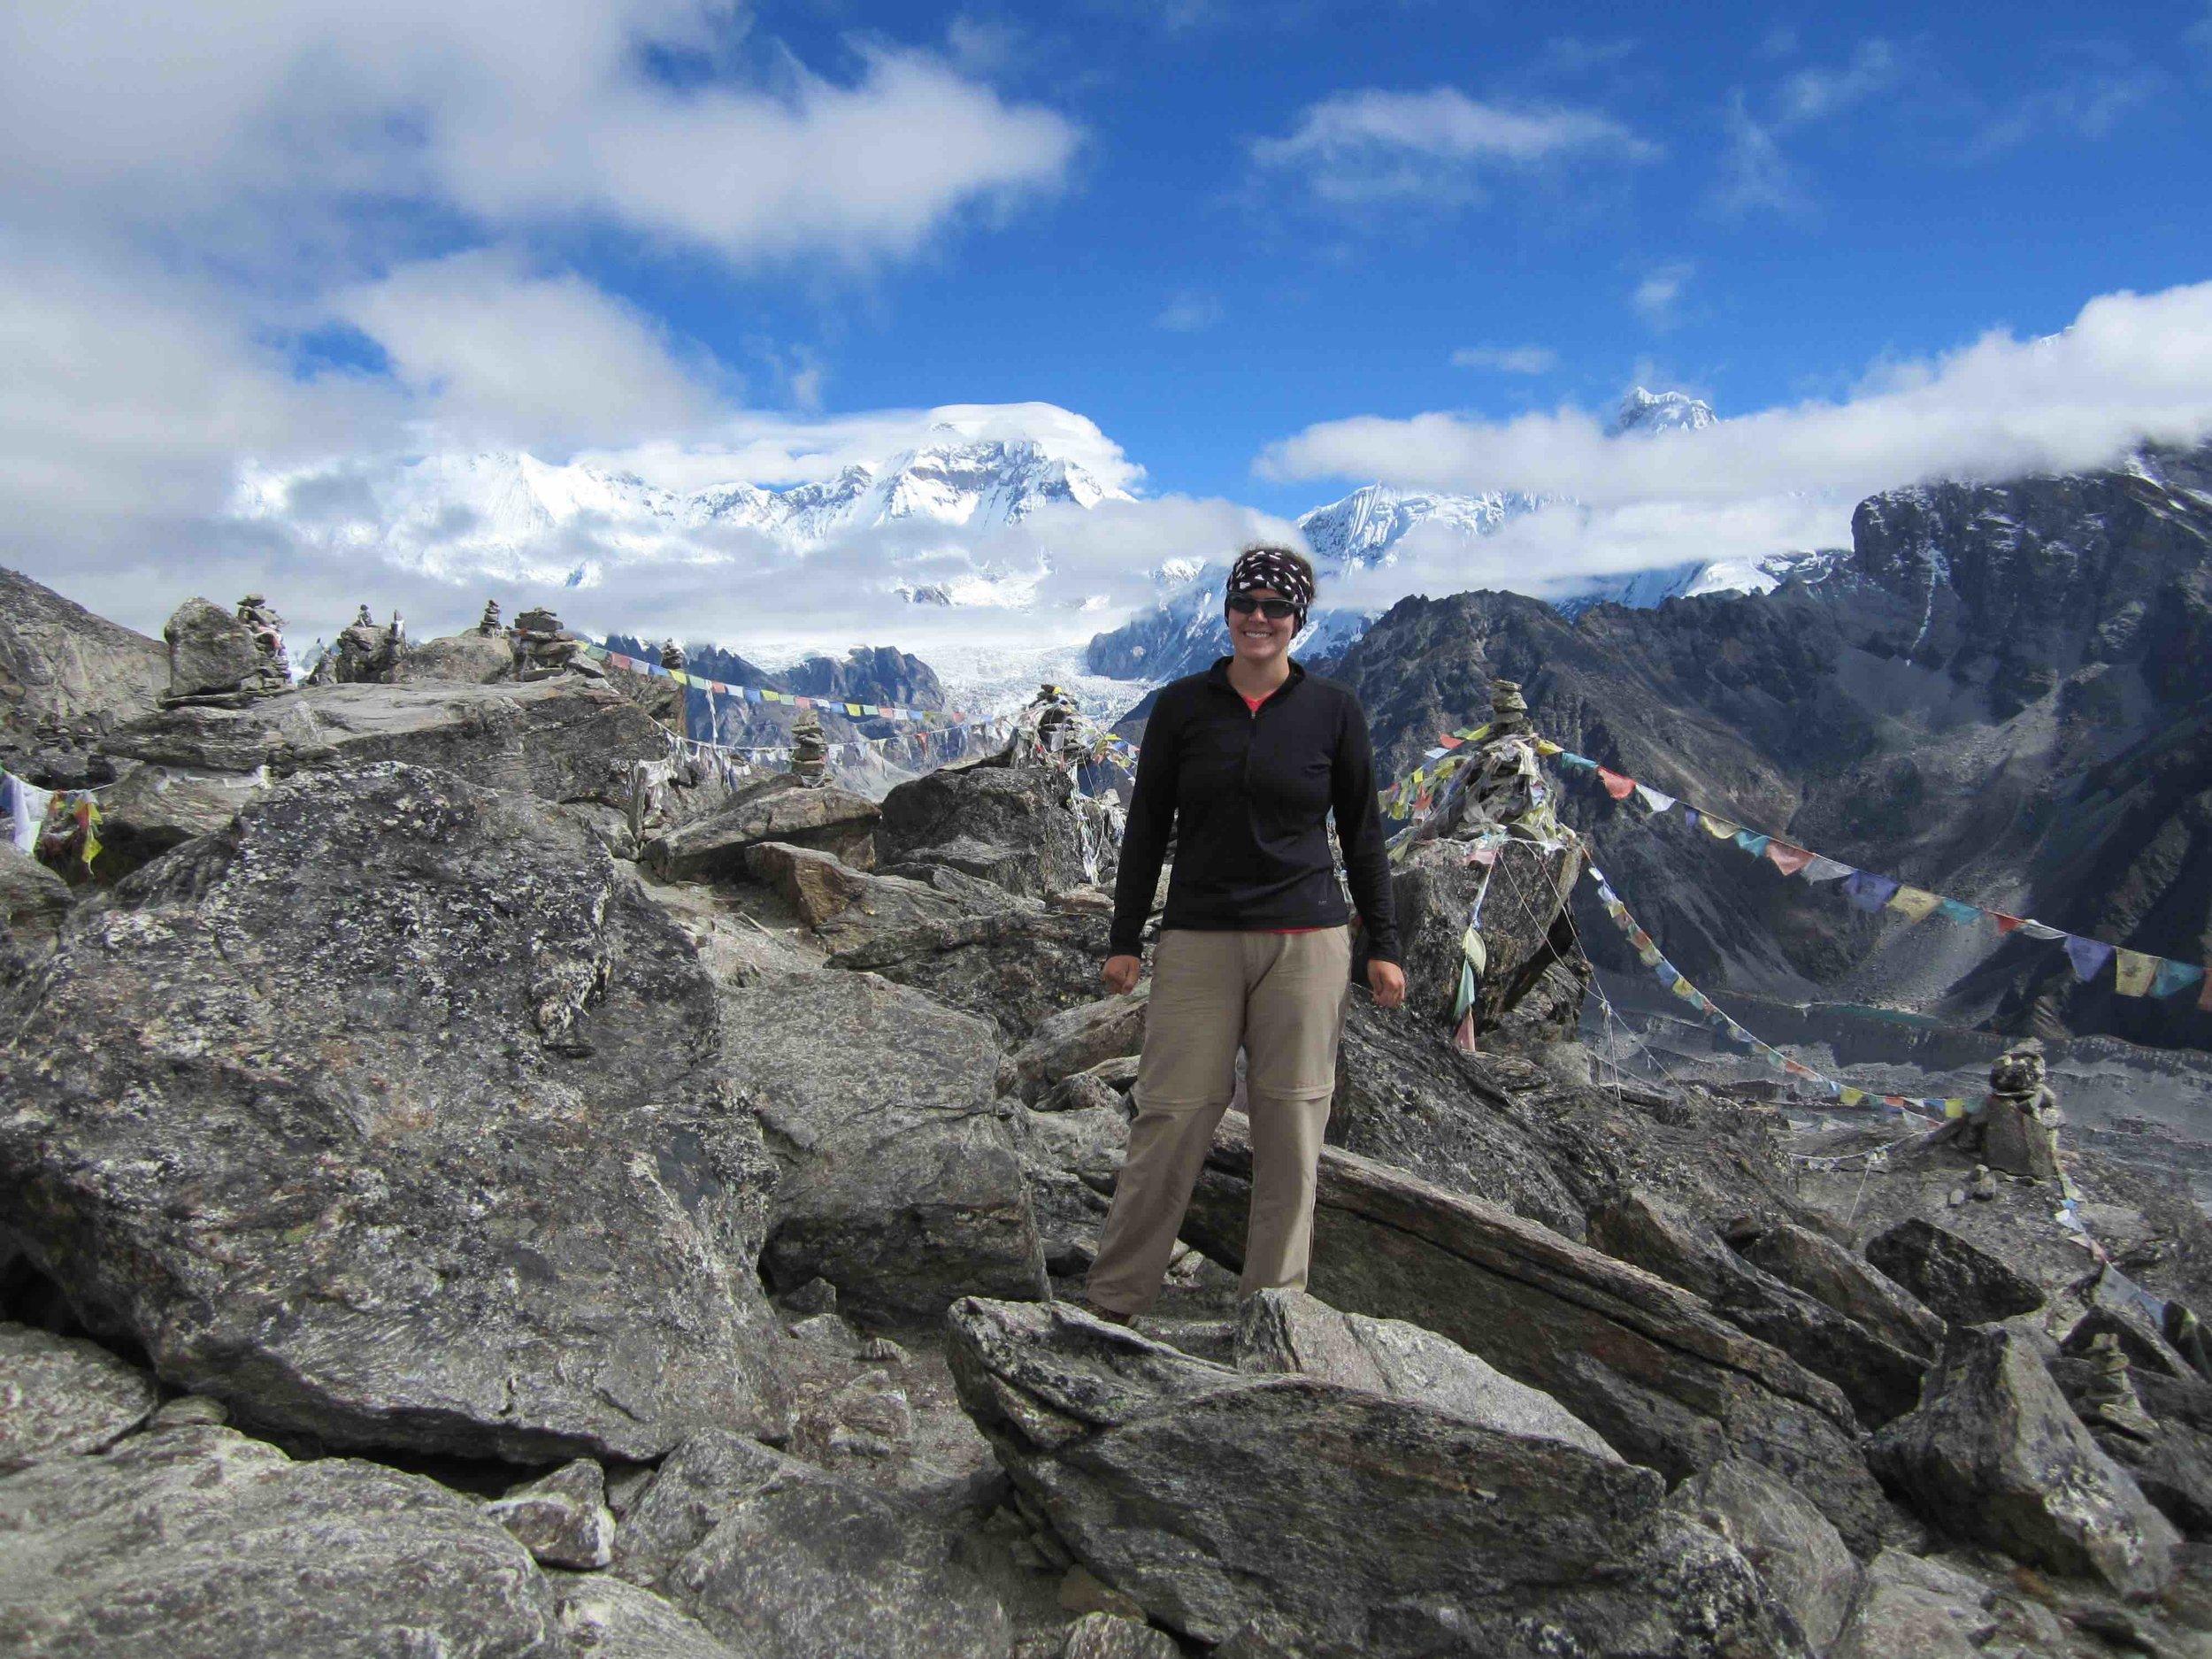 Summiting Gokyo Ri 4750 m (17,575 ft).